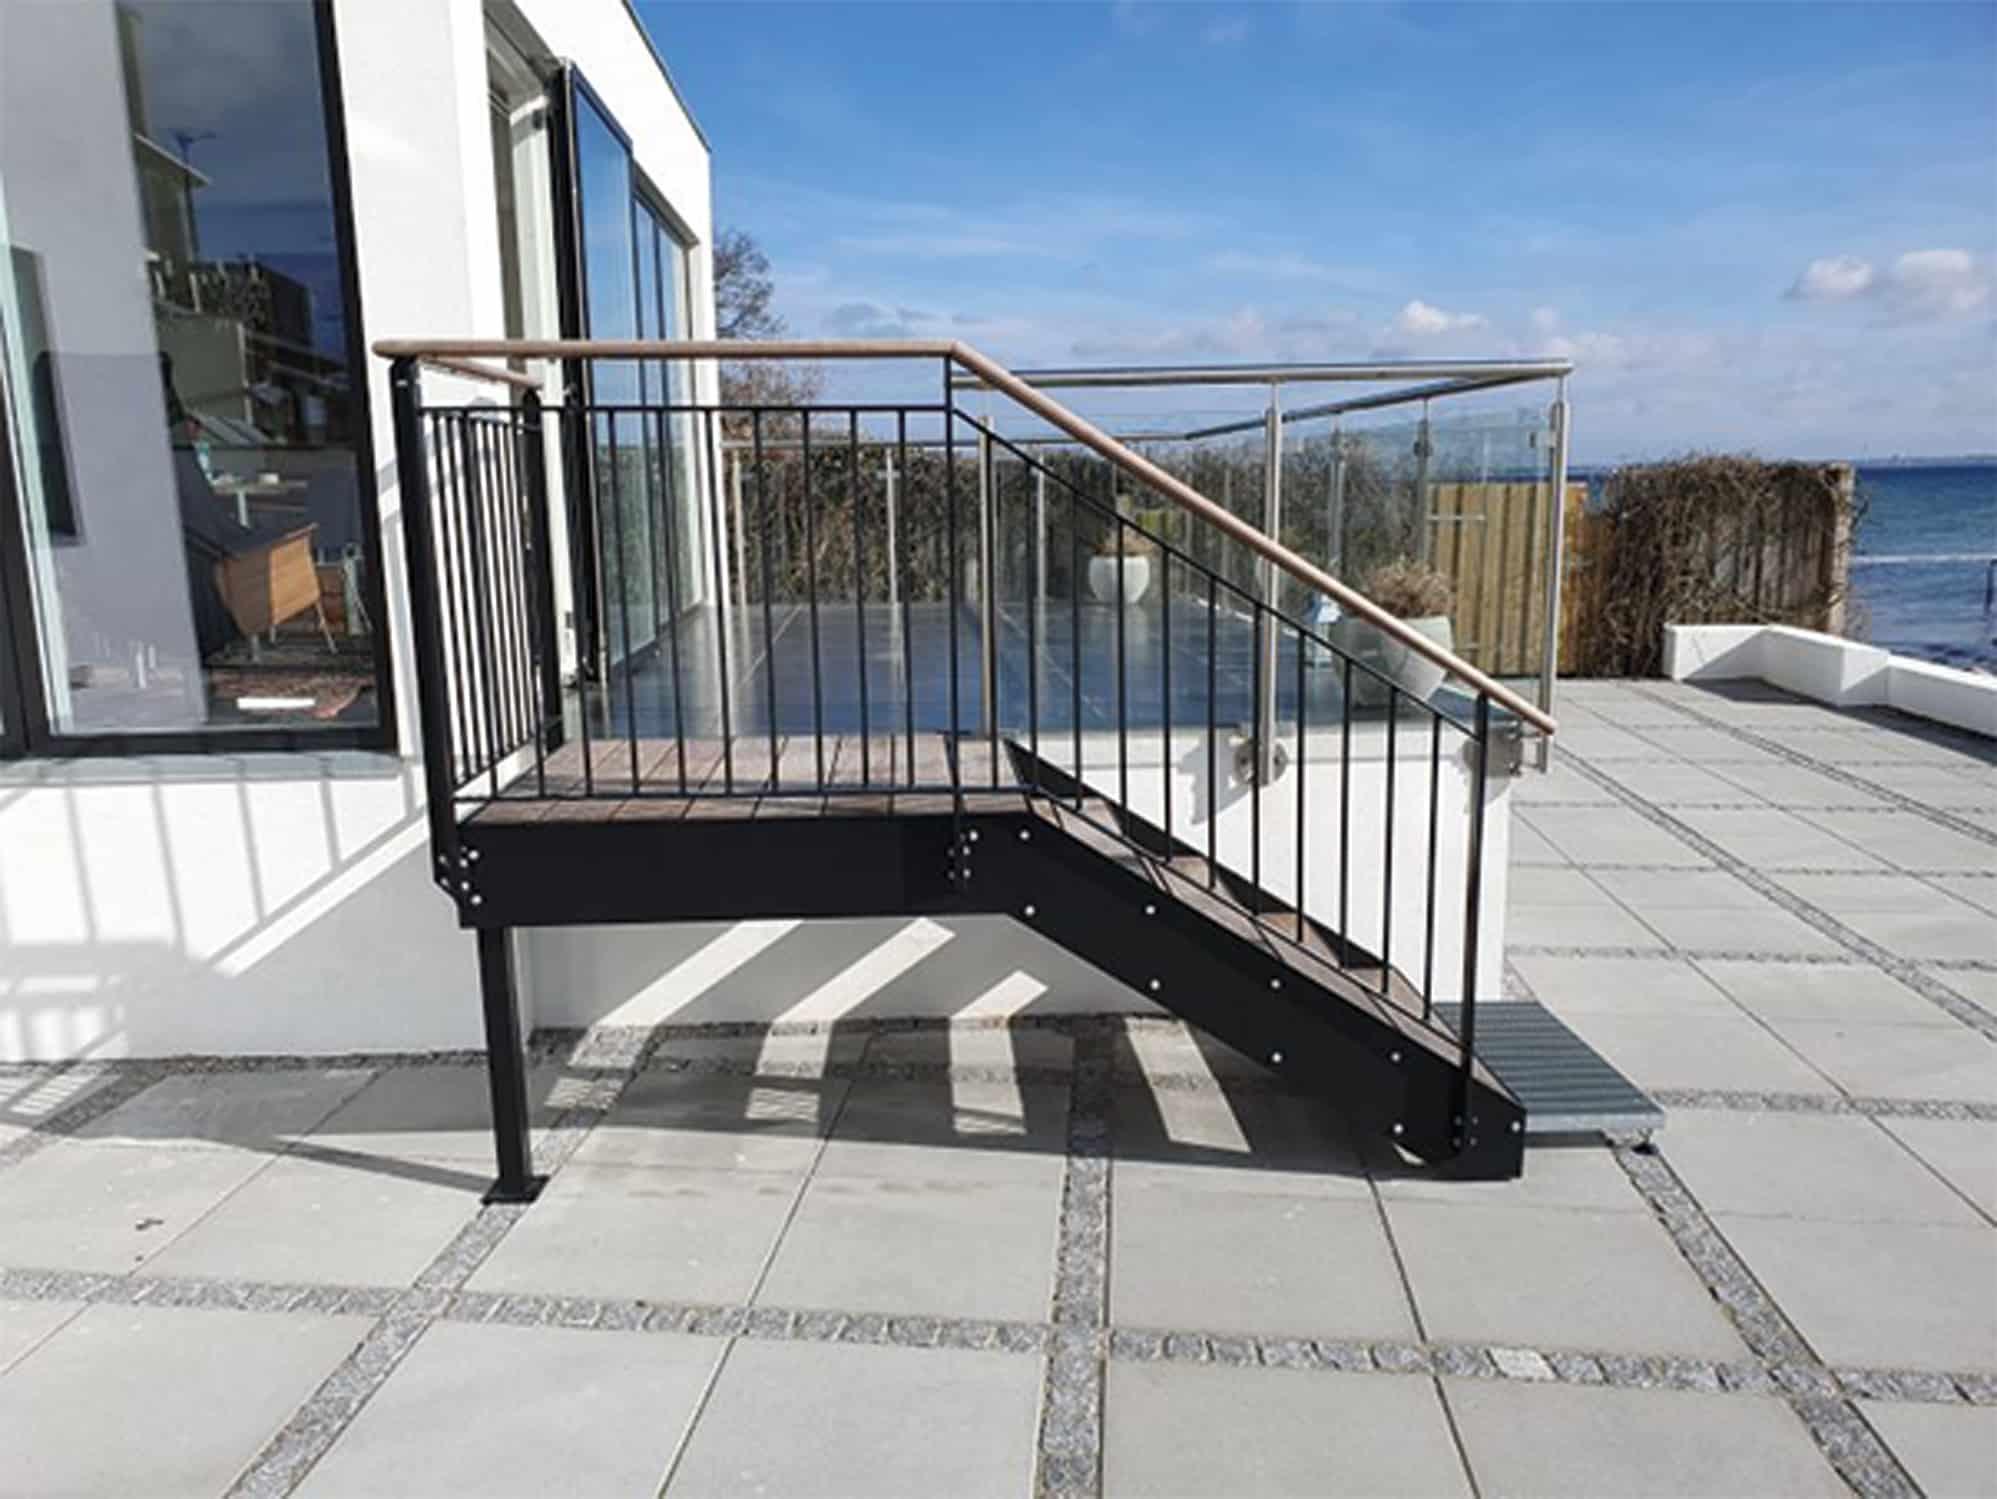 Lille ståltrappe til hævet terrasse